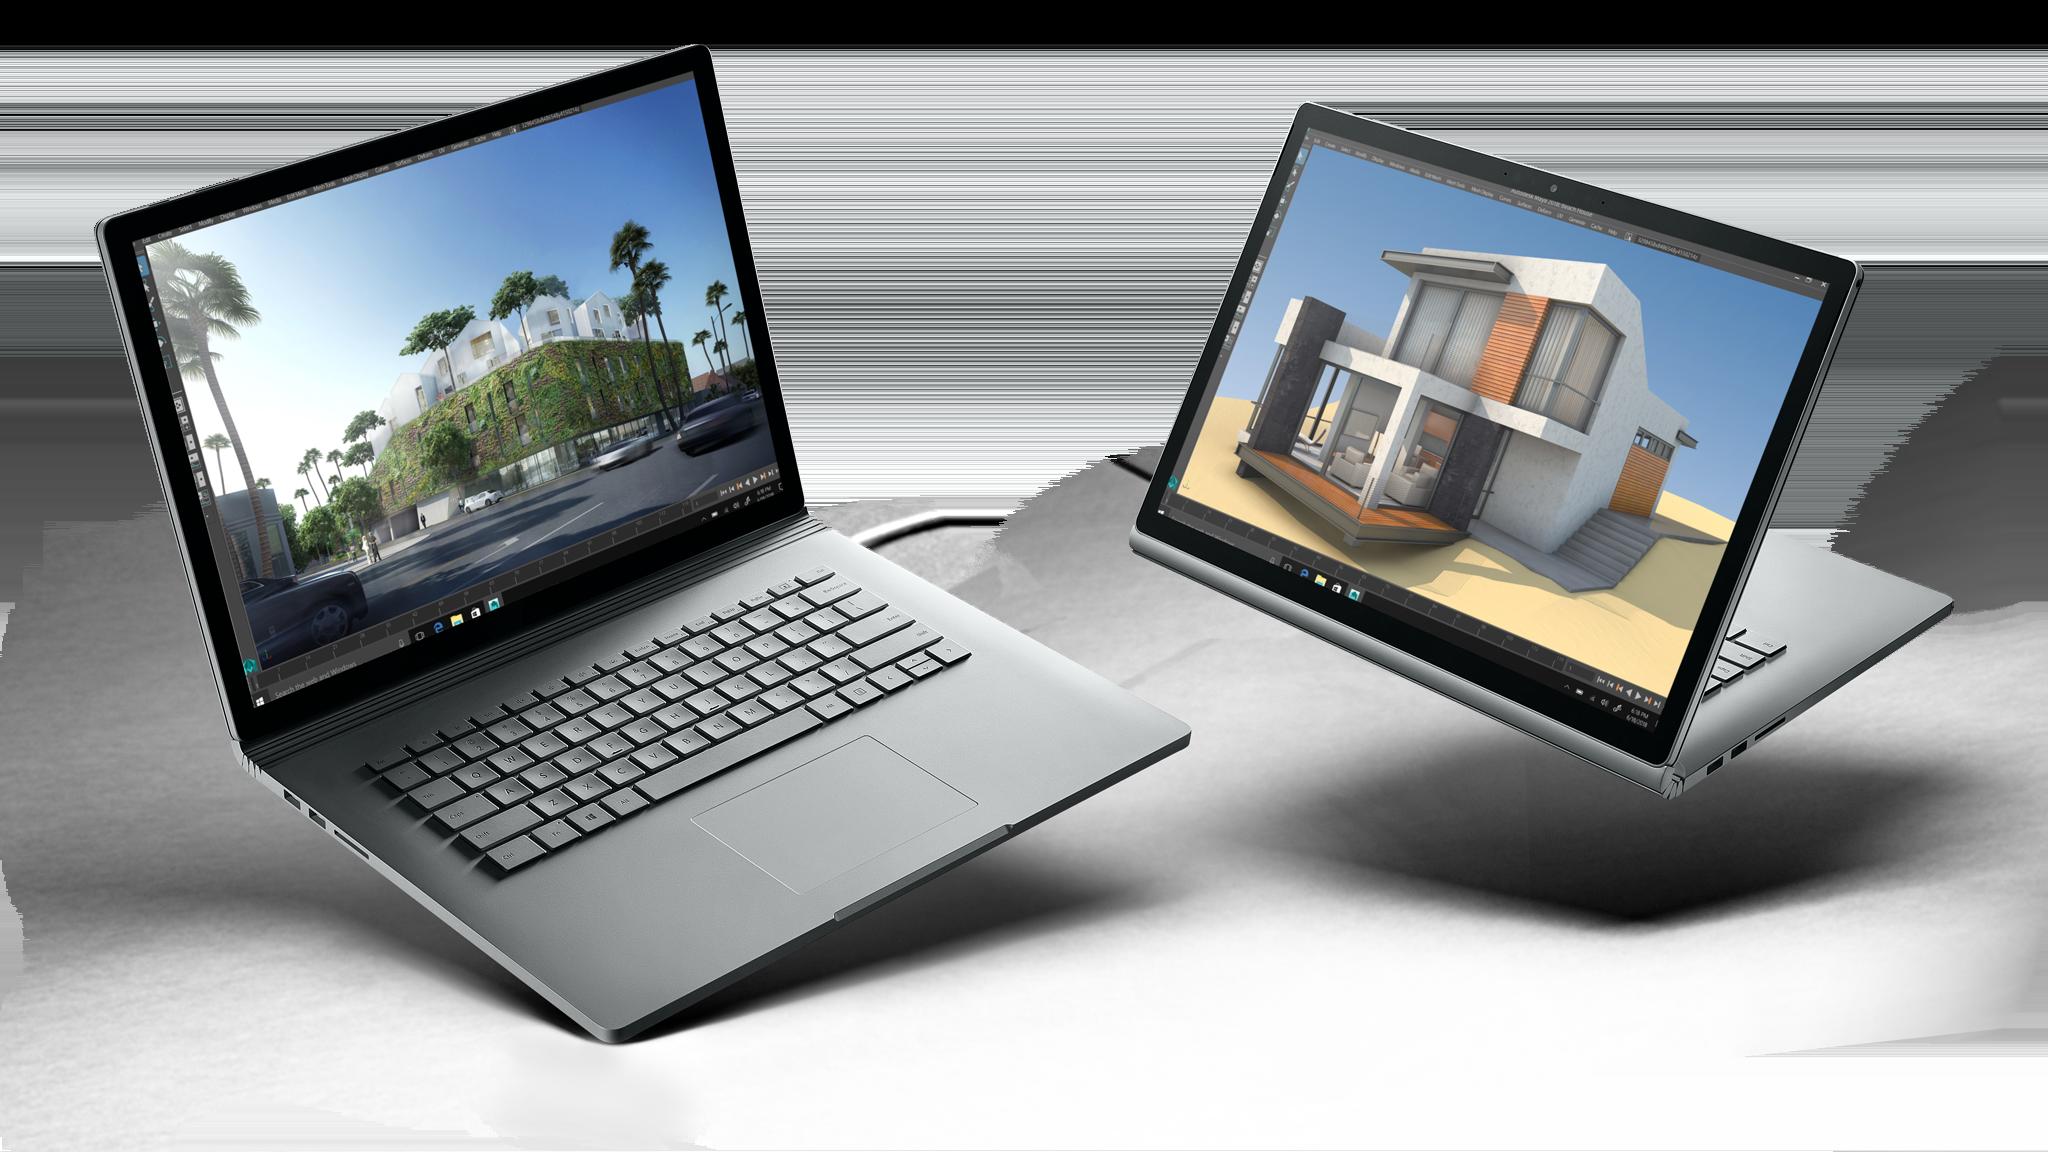 Surface Book 2 รุ่น 13.5 นิ้ว และ Surface Book 2 รุ่น 15 นิ้ว วางอยู่ข้างกัน